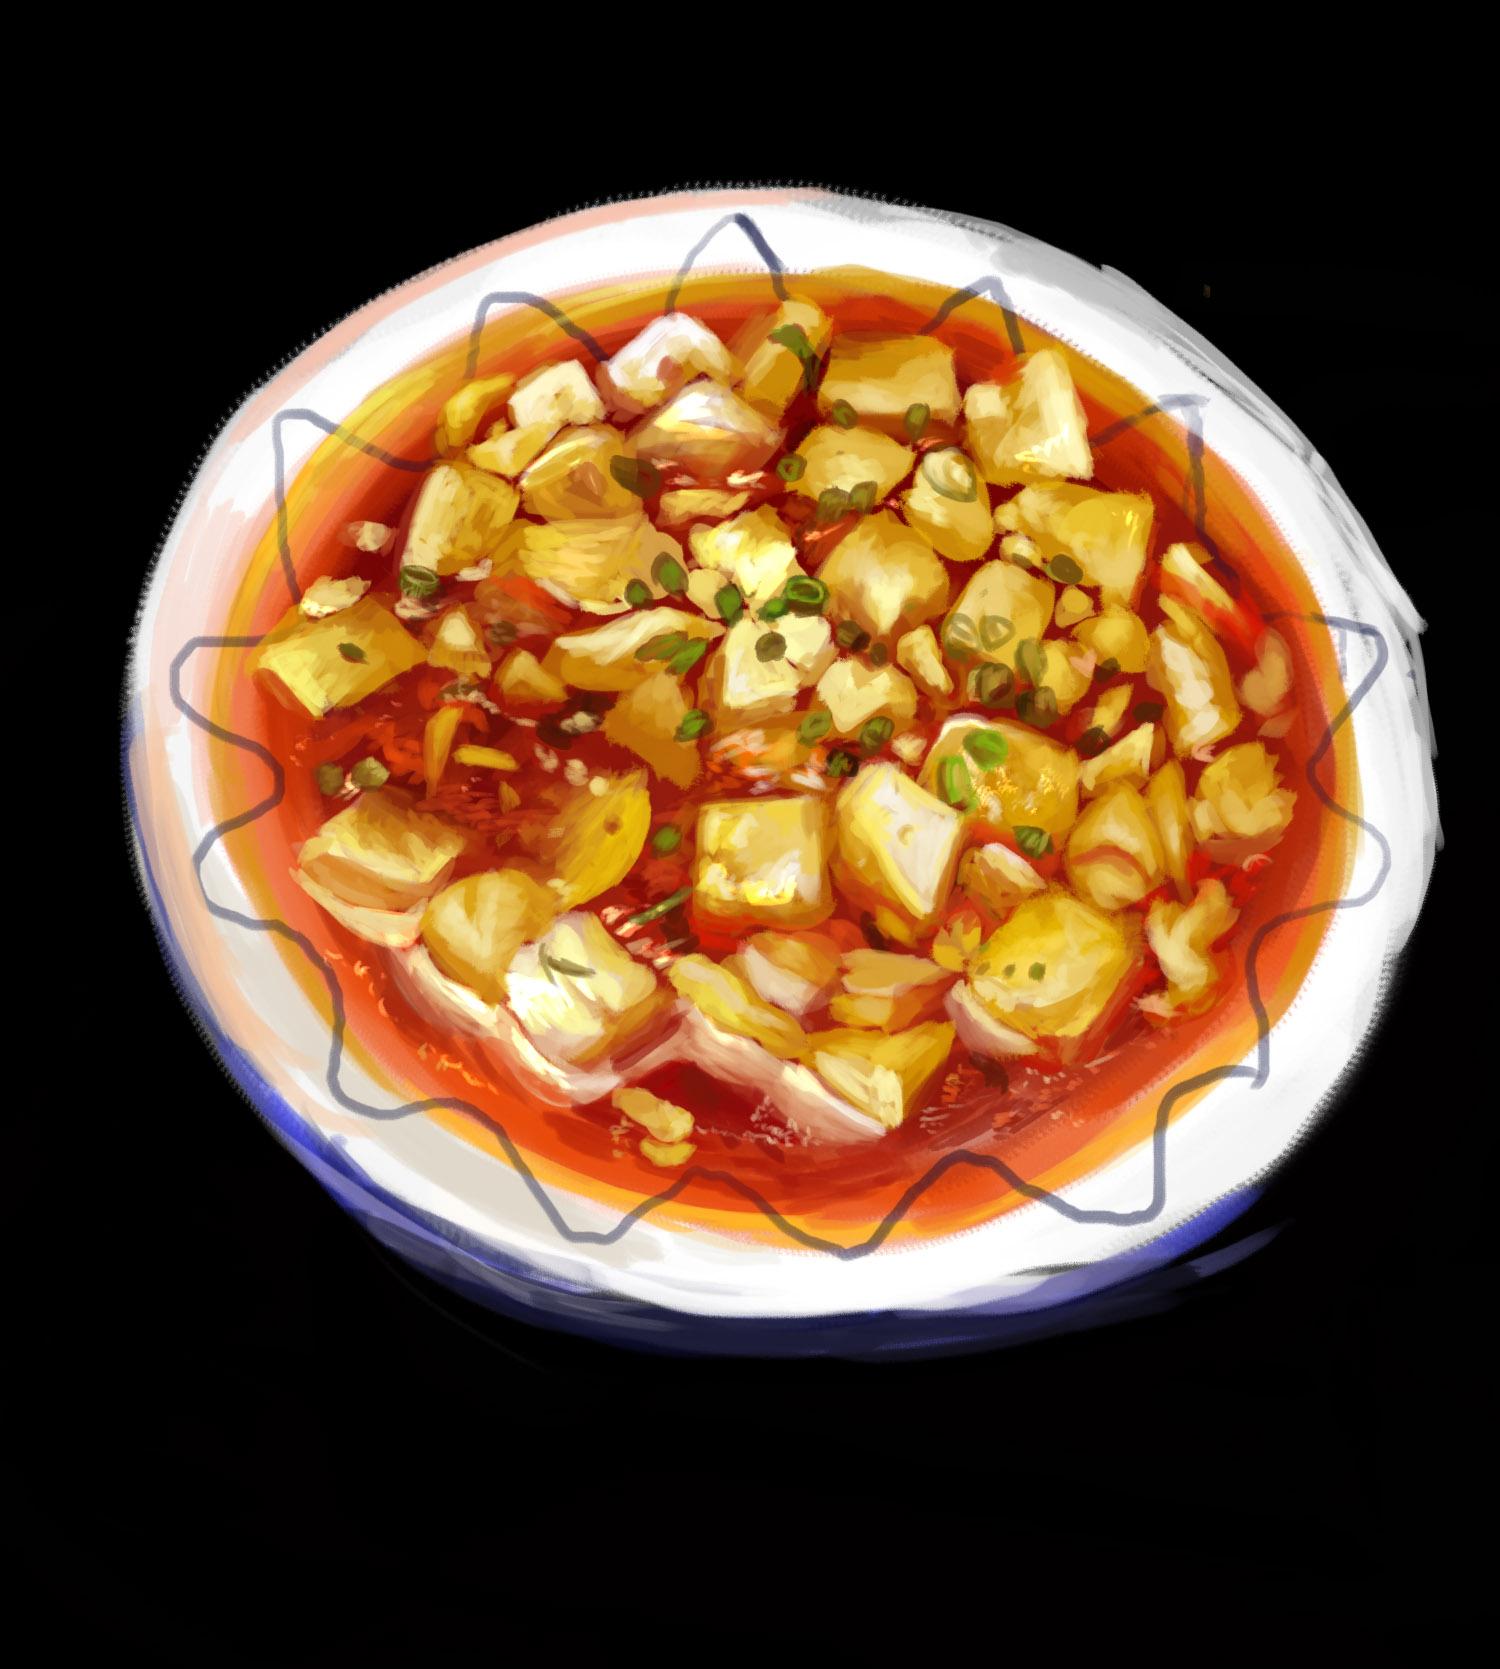 food120915.jpg